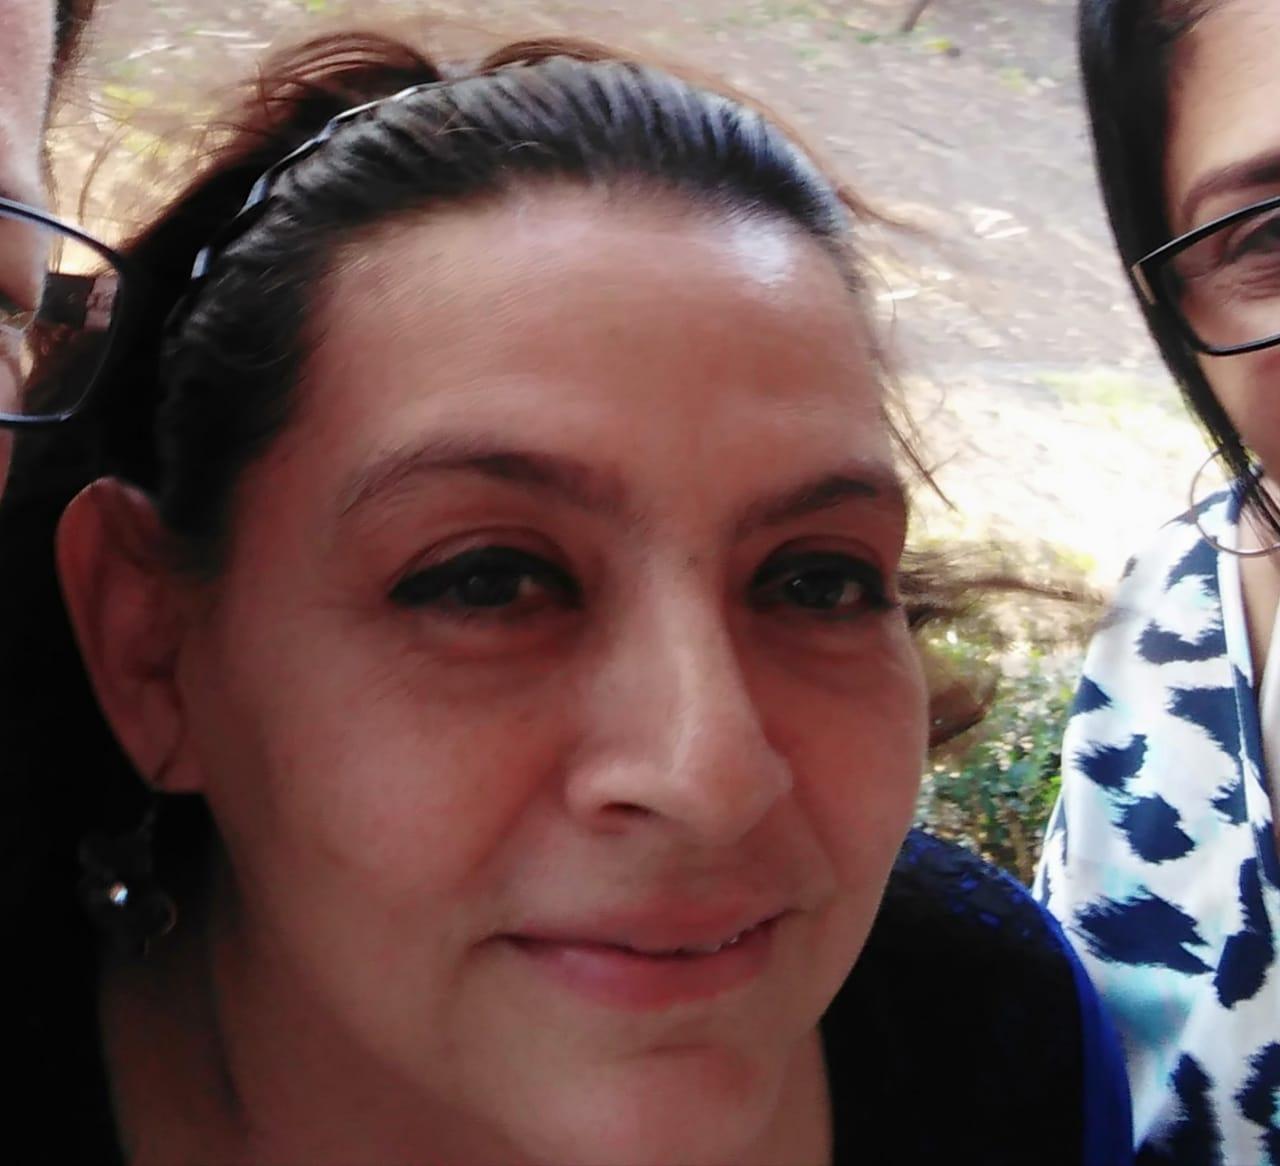 Dra. Martha Bendaño, trabajó durante 15 años como internista del Hospital Manolo Morales. Foto: Cortesía / Artículo 66